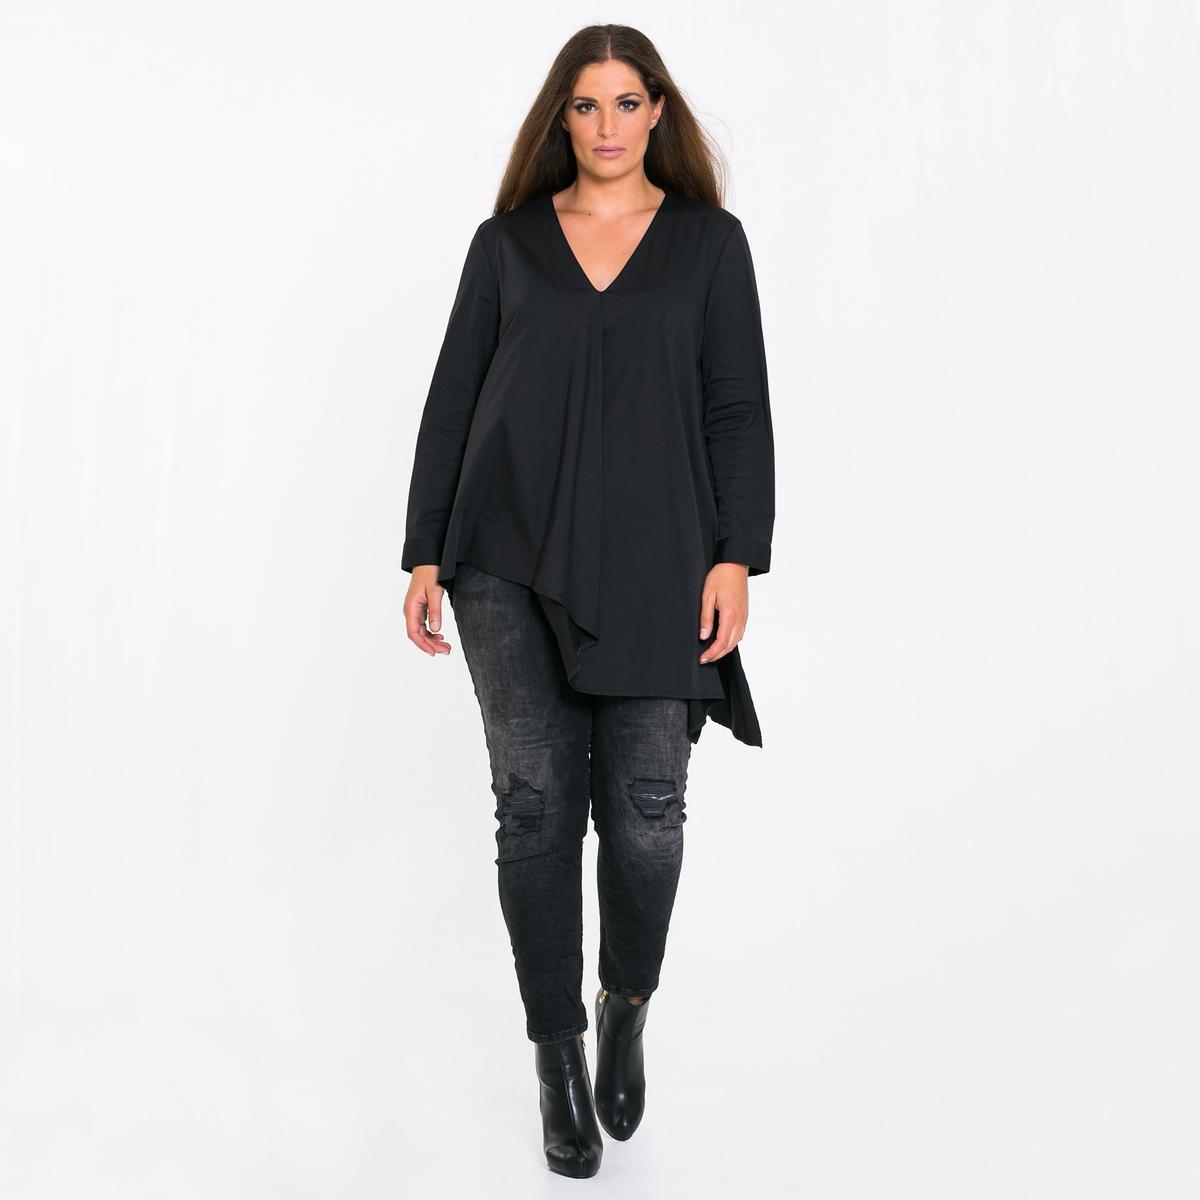 Блузка MAT FASHION 14434526 от LaRedoute